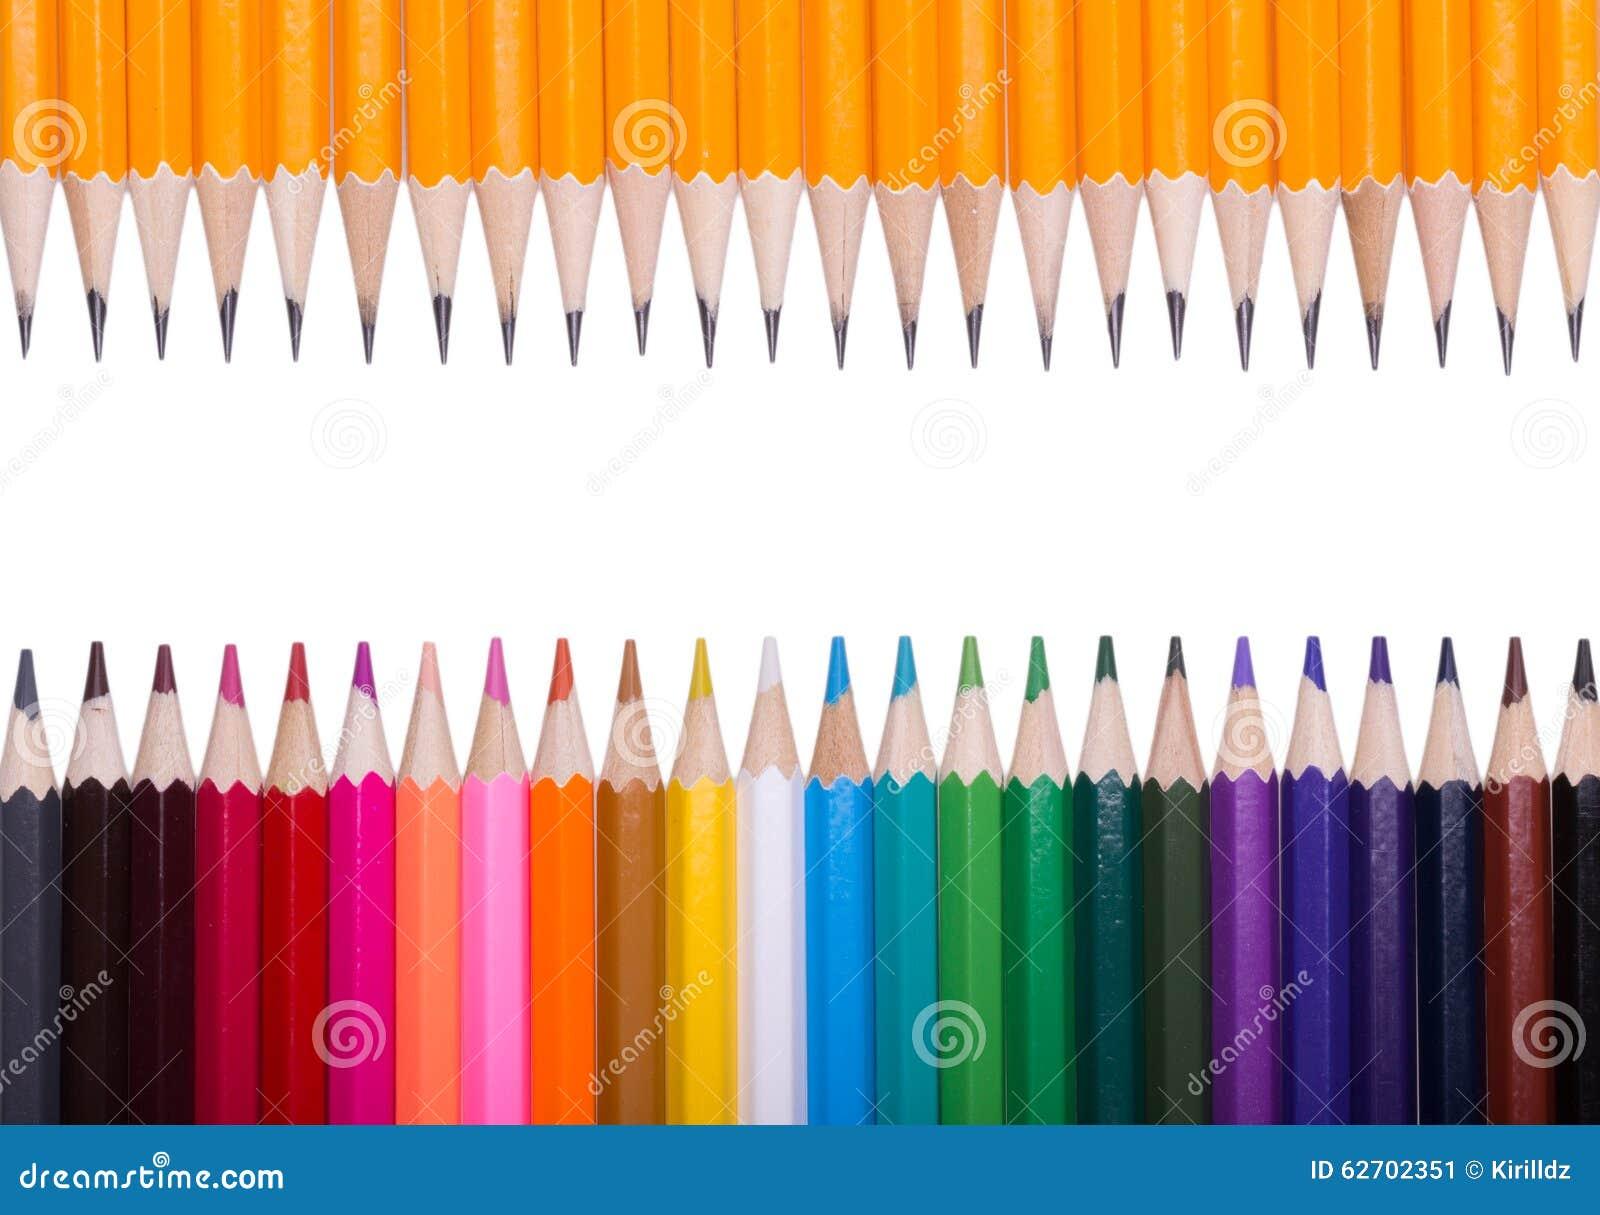 Ανασκόπηση μολυβιών χρώματος κλείστε επάνω του χρώματος μολυβιών